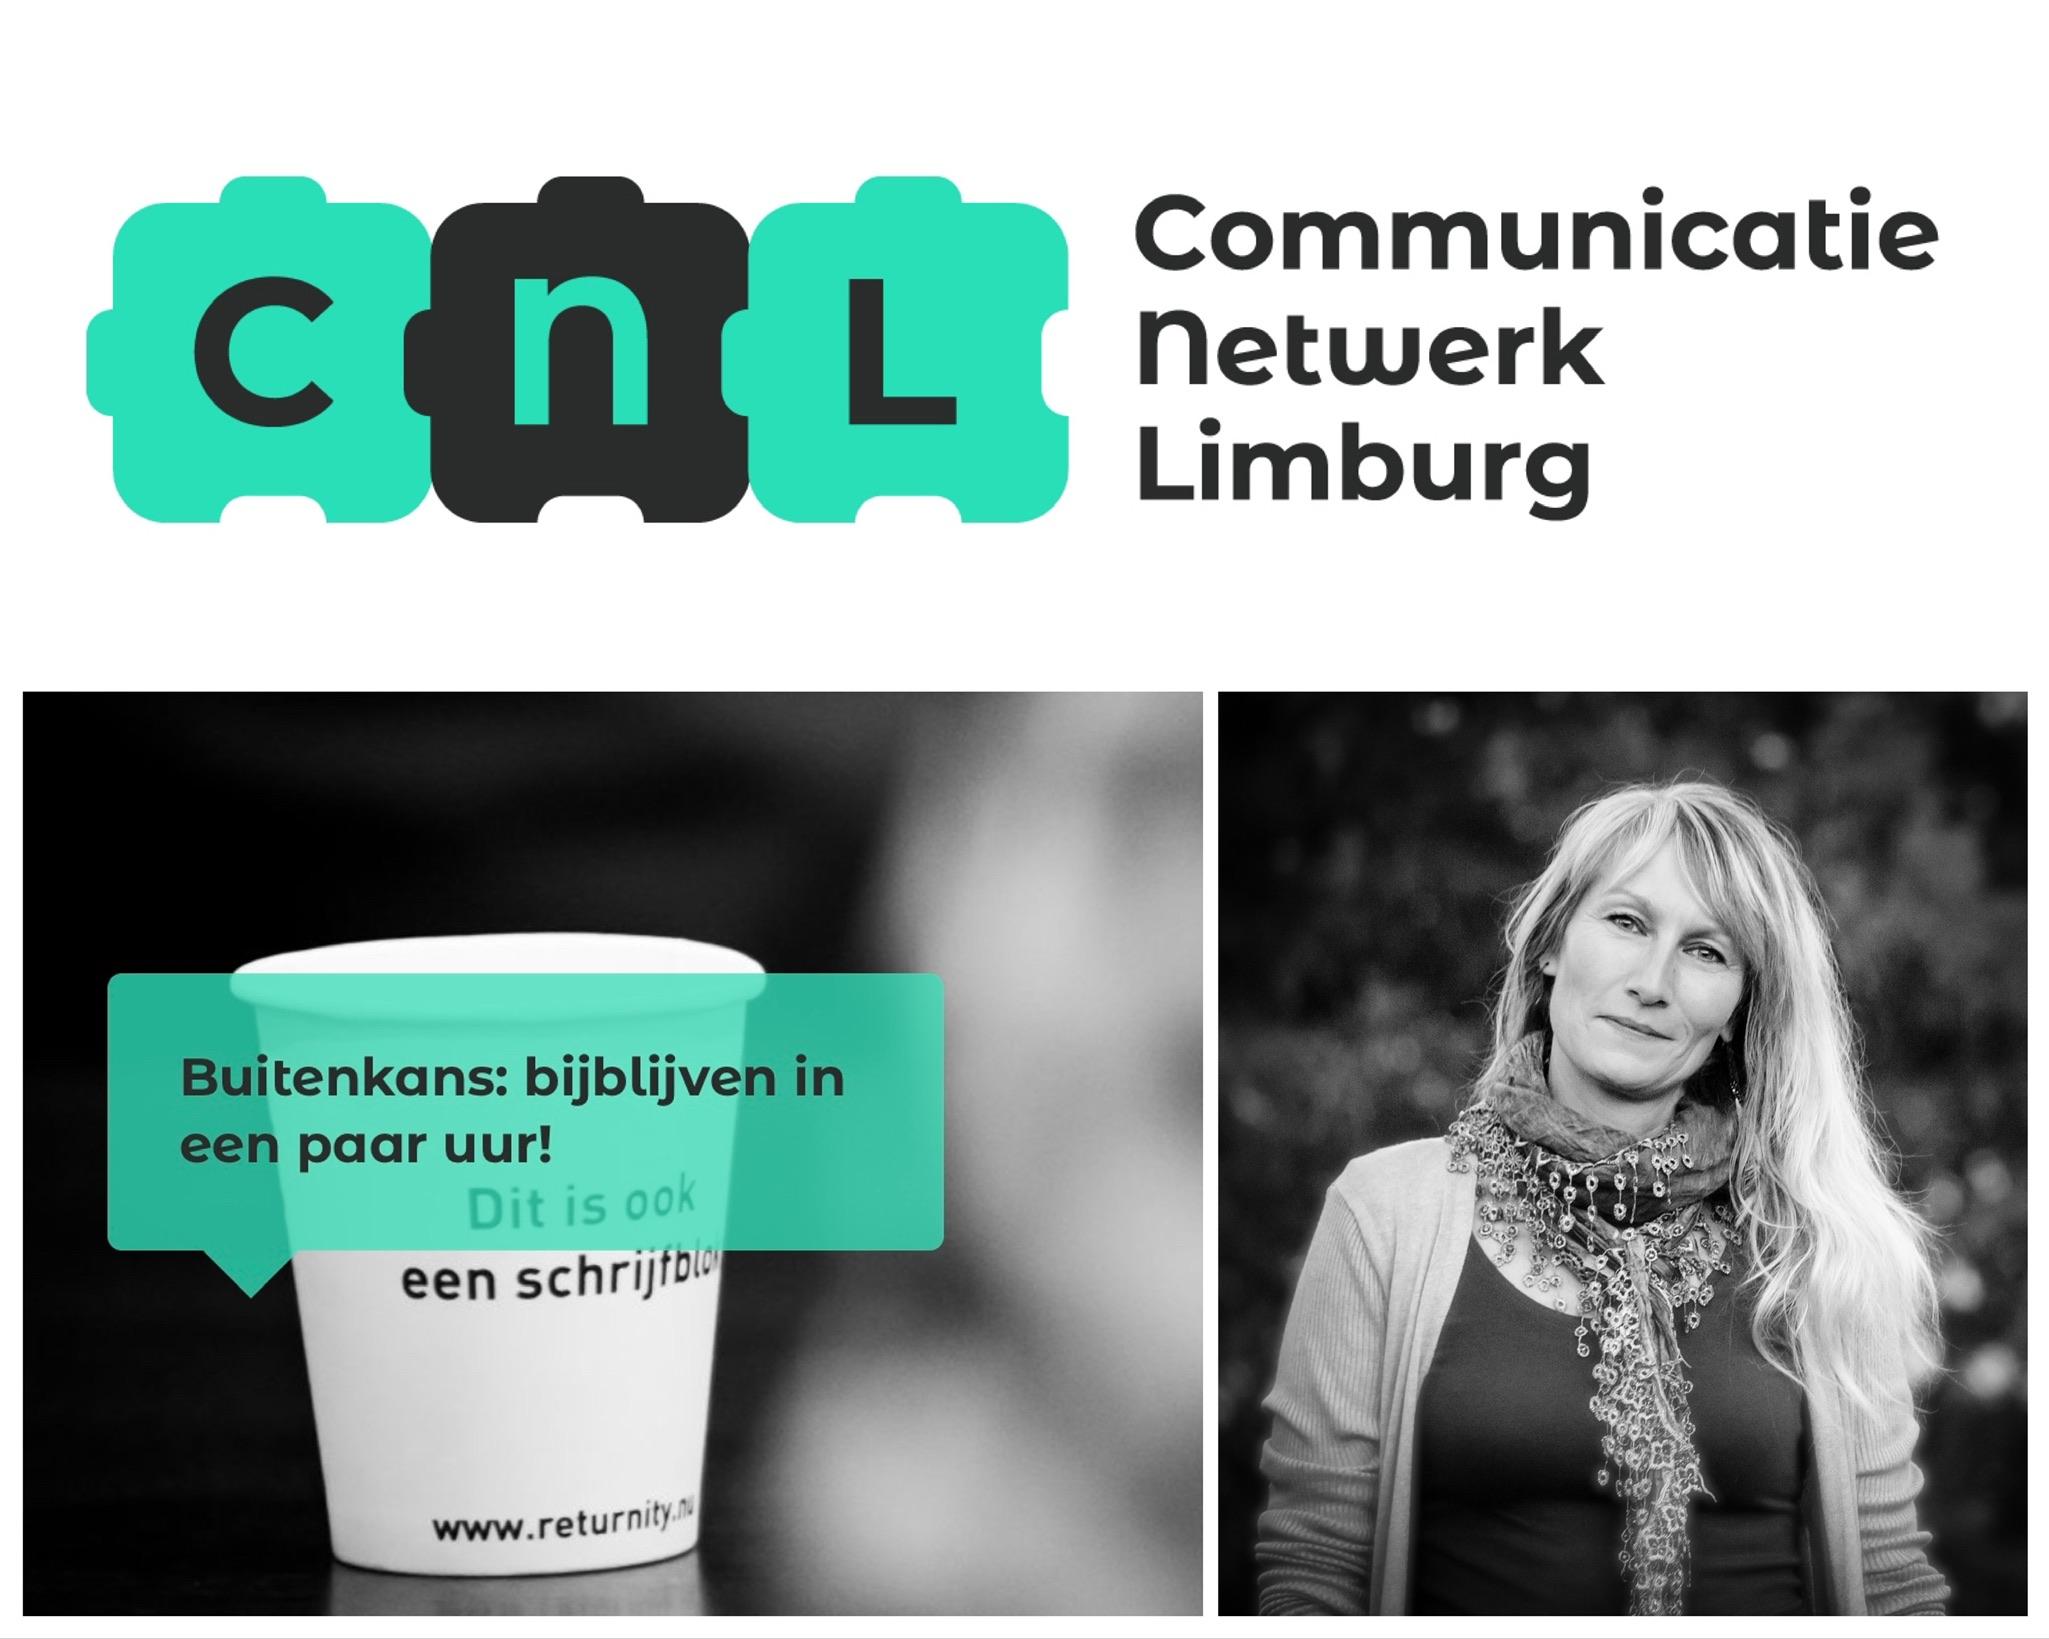 Communicatienetwerk Limburg 'Praktisch en prikkelend'